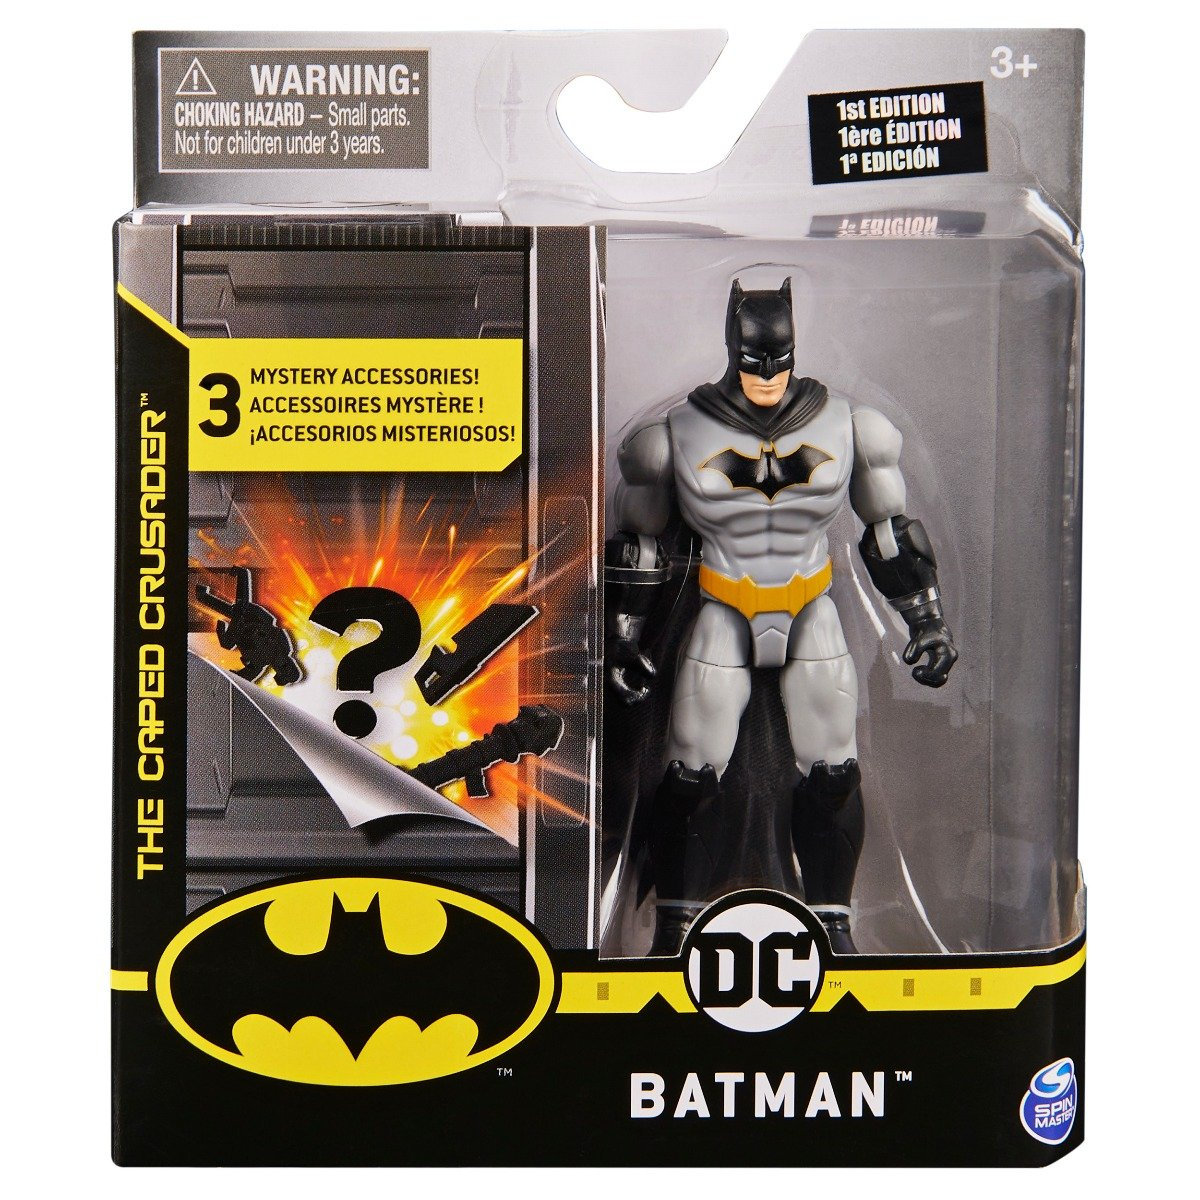 Set Figurina cu accesorii surpriza Batman 20125777